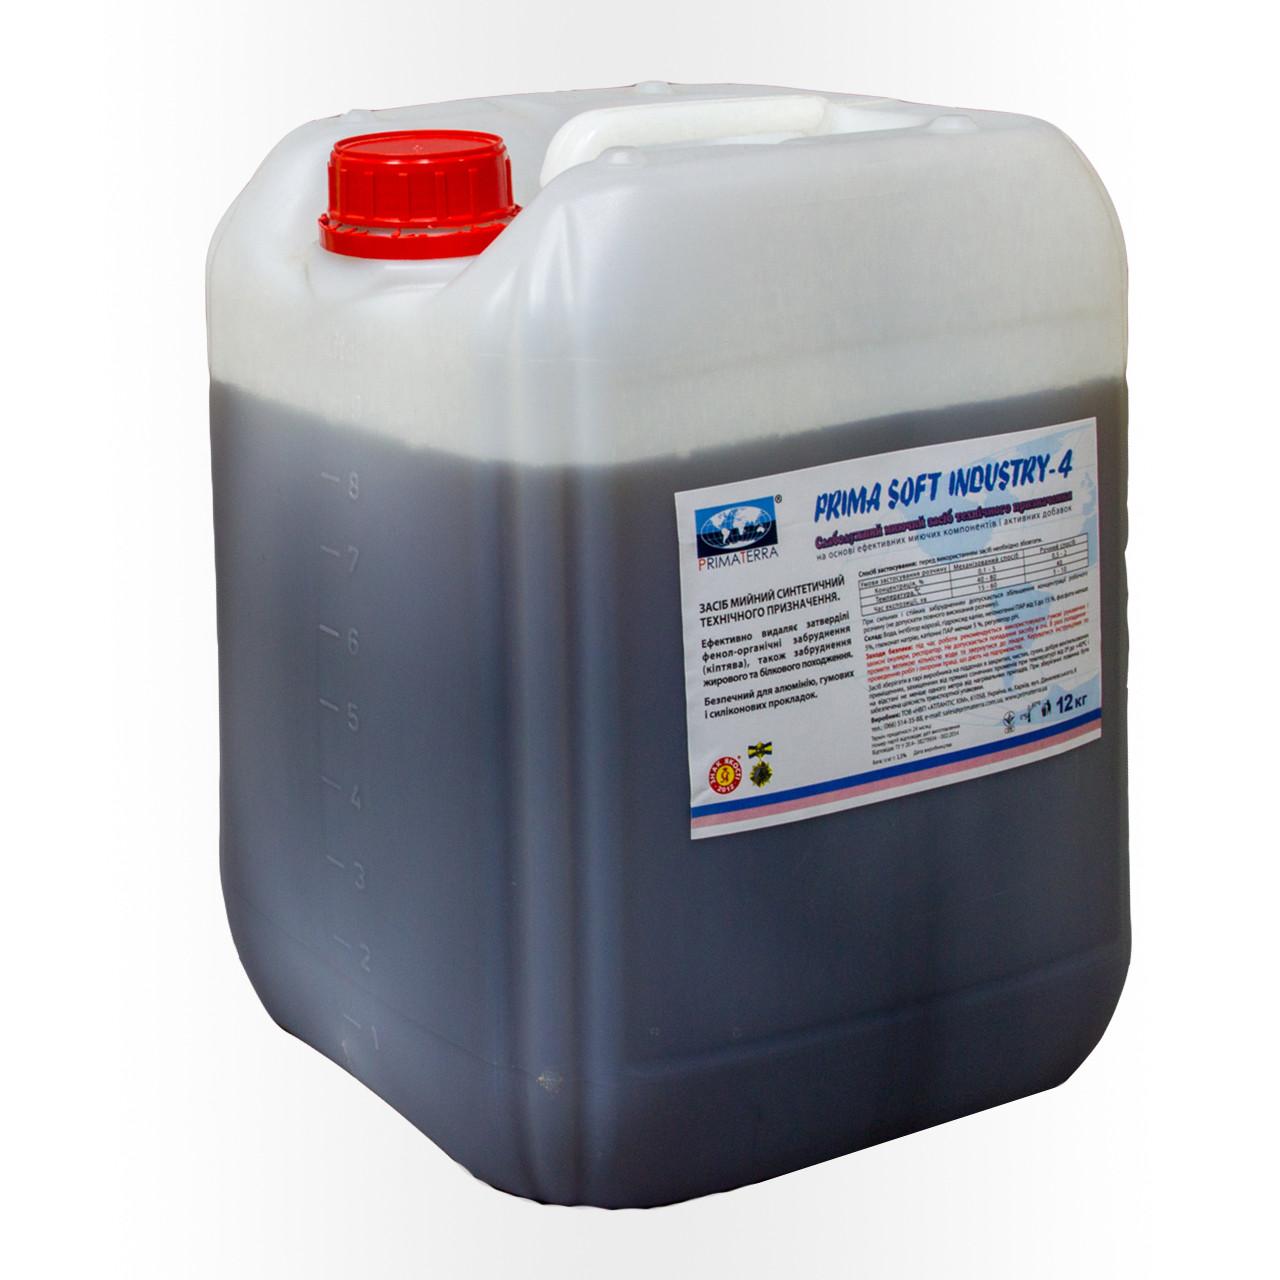 Слаболужний пінний миючий засіб для алюмінію Industry-4 (12 кг)